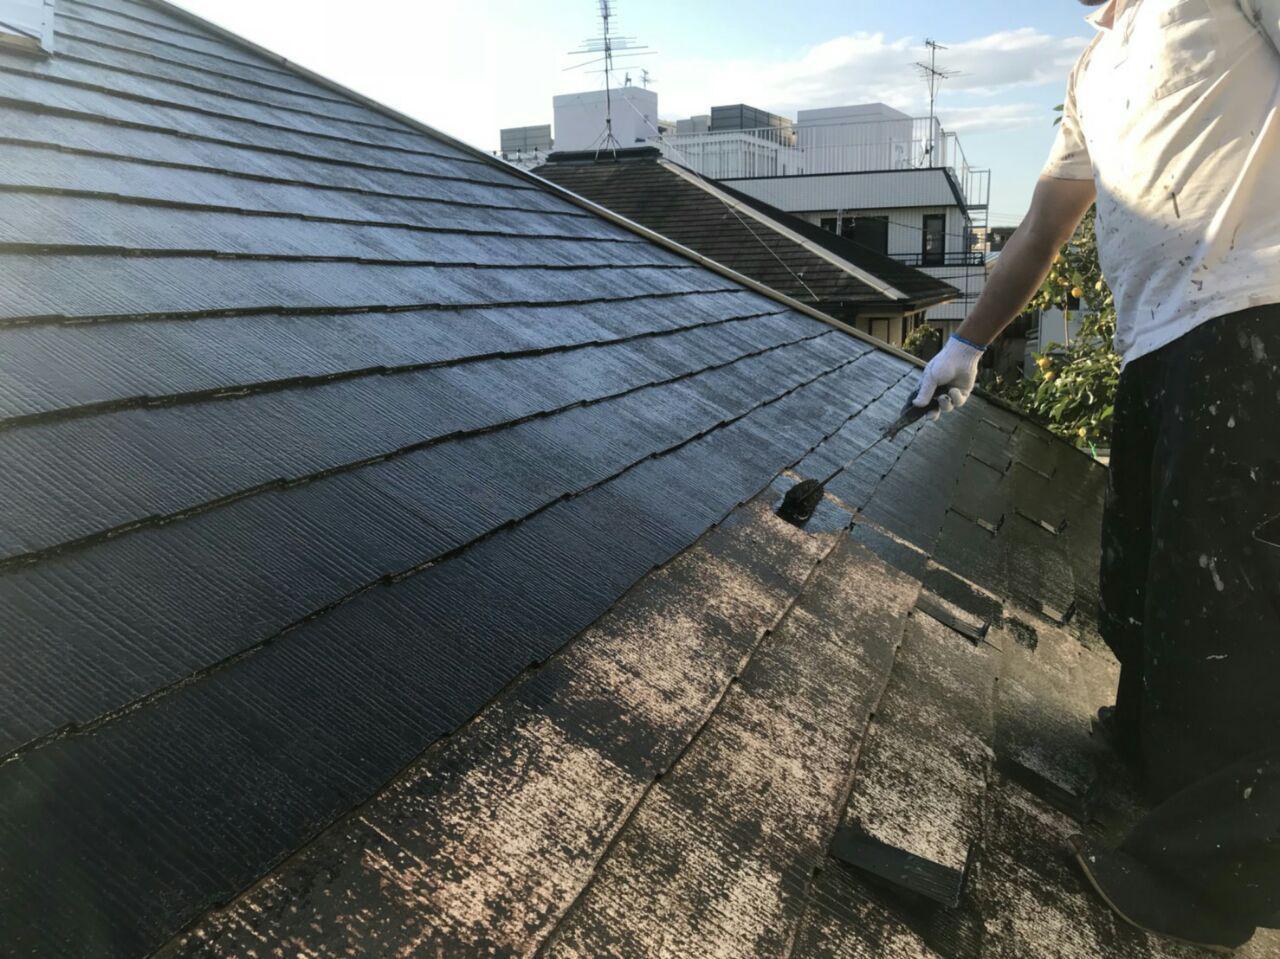 板橋区で地震保険のお見舞金で屋根外壁塗装!塗装工事はハートホームにお任せ